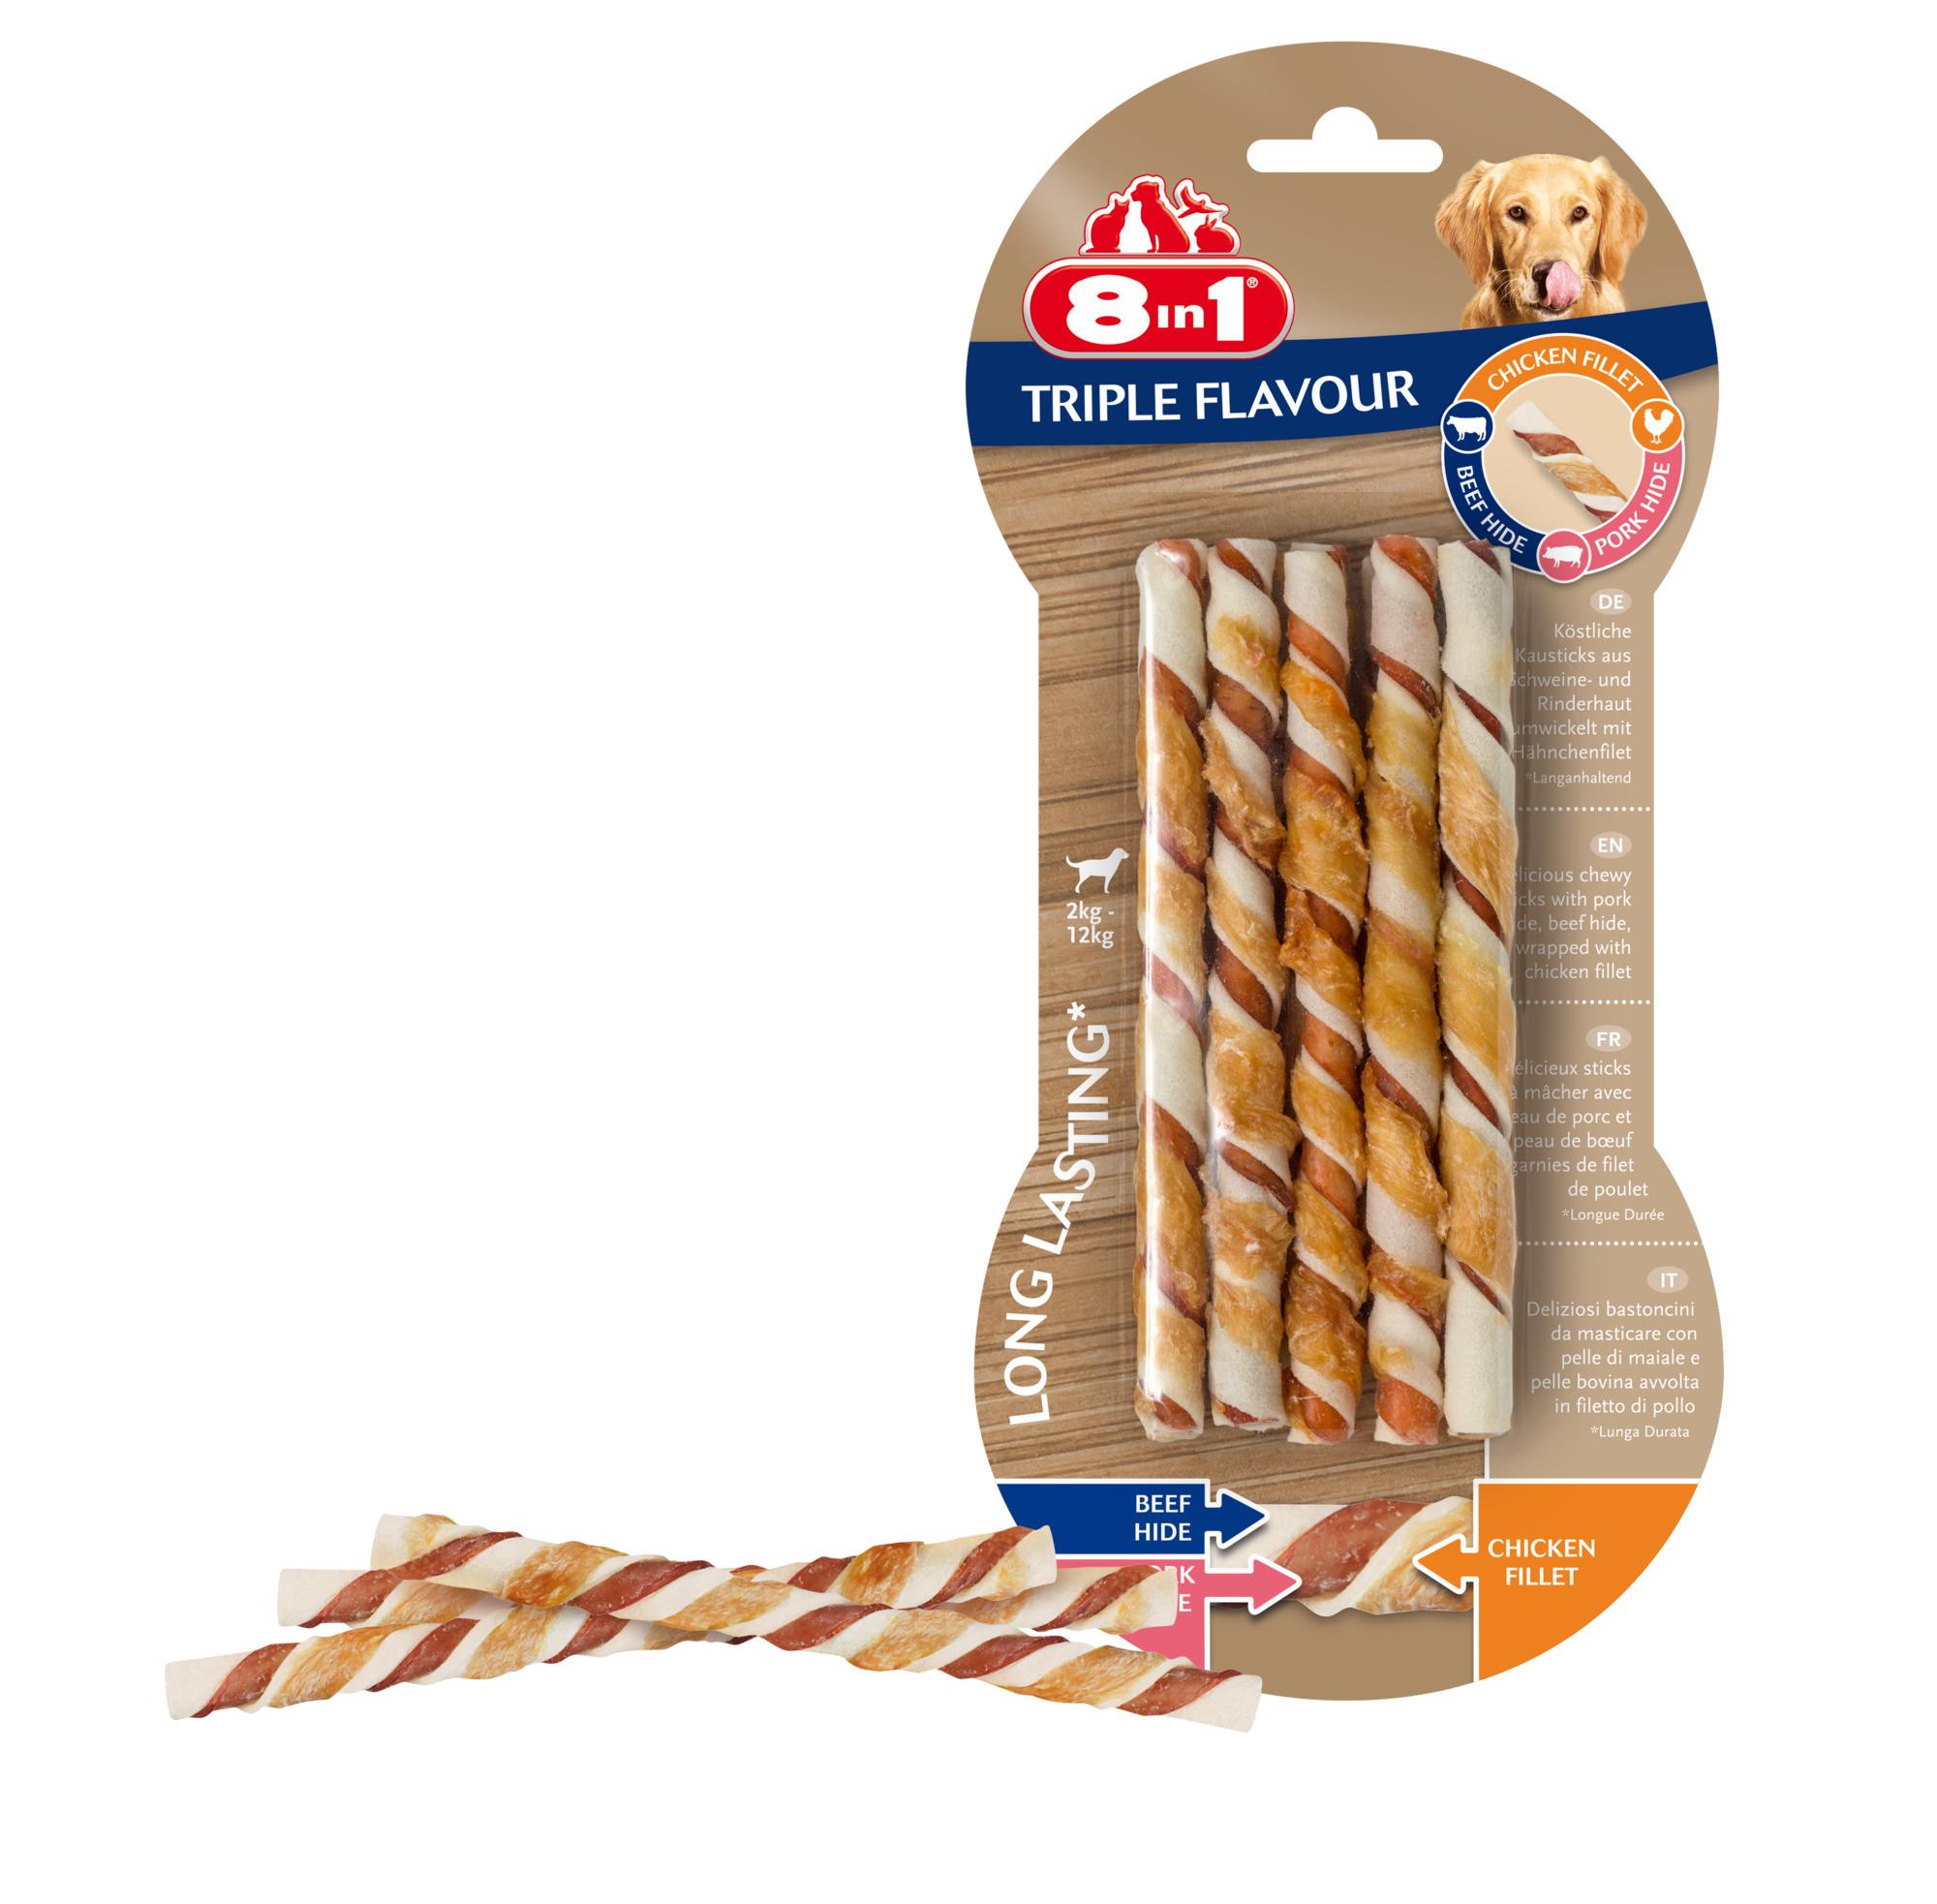 8in1 Triple Flavour sticks hondensnacks